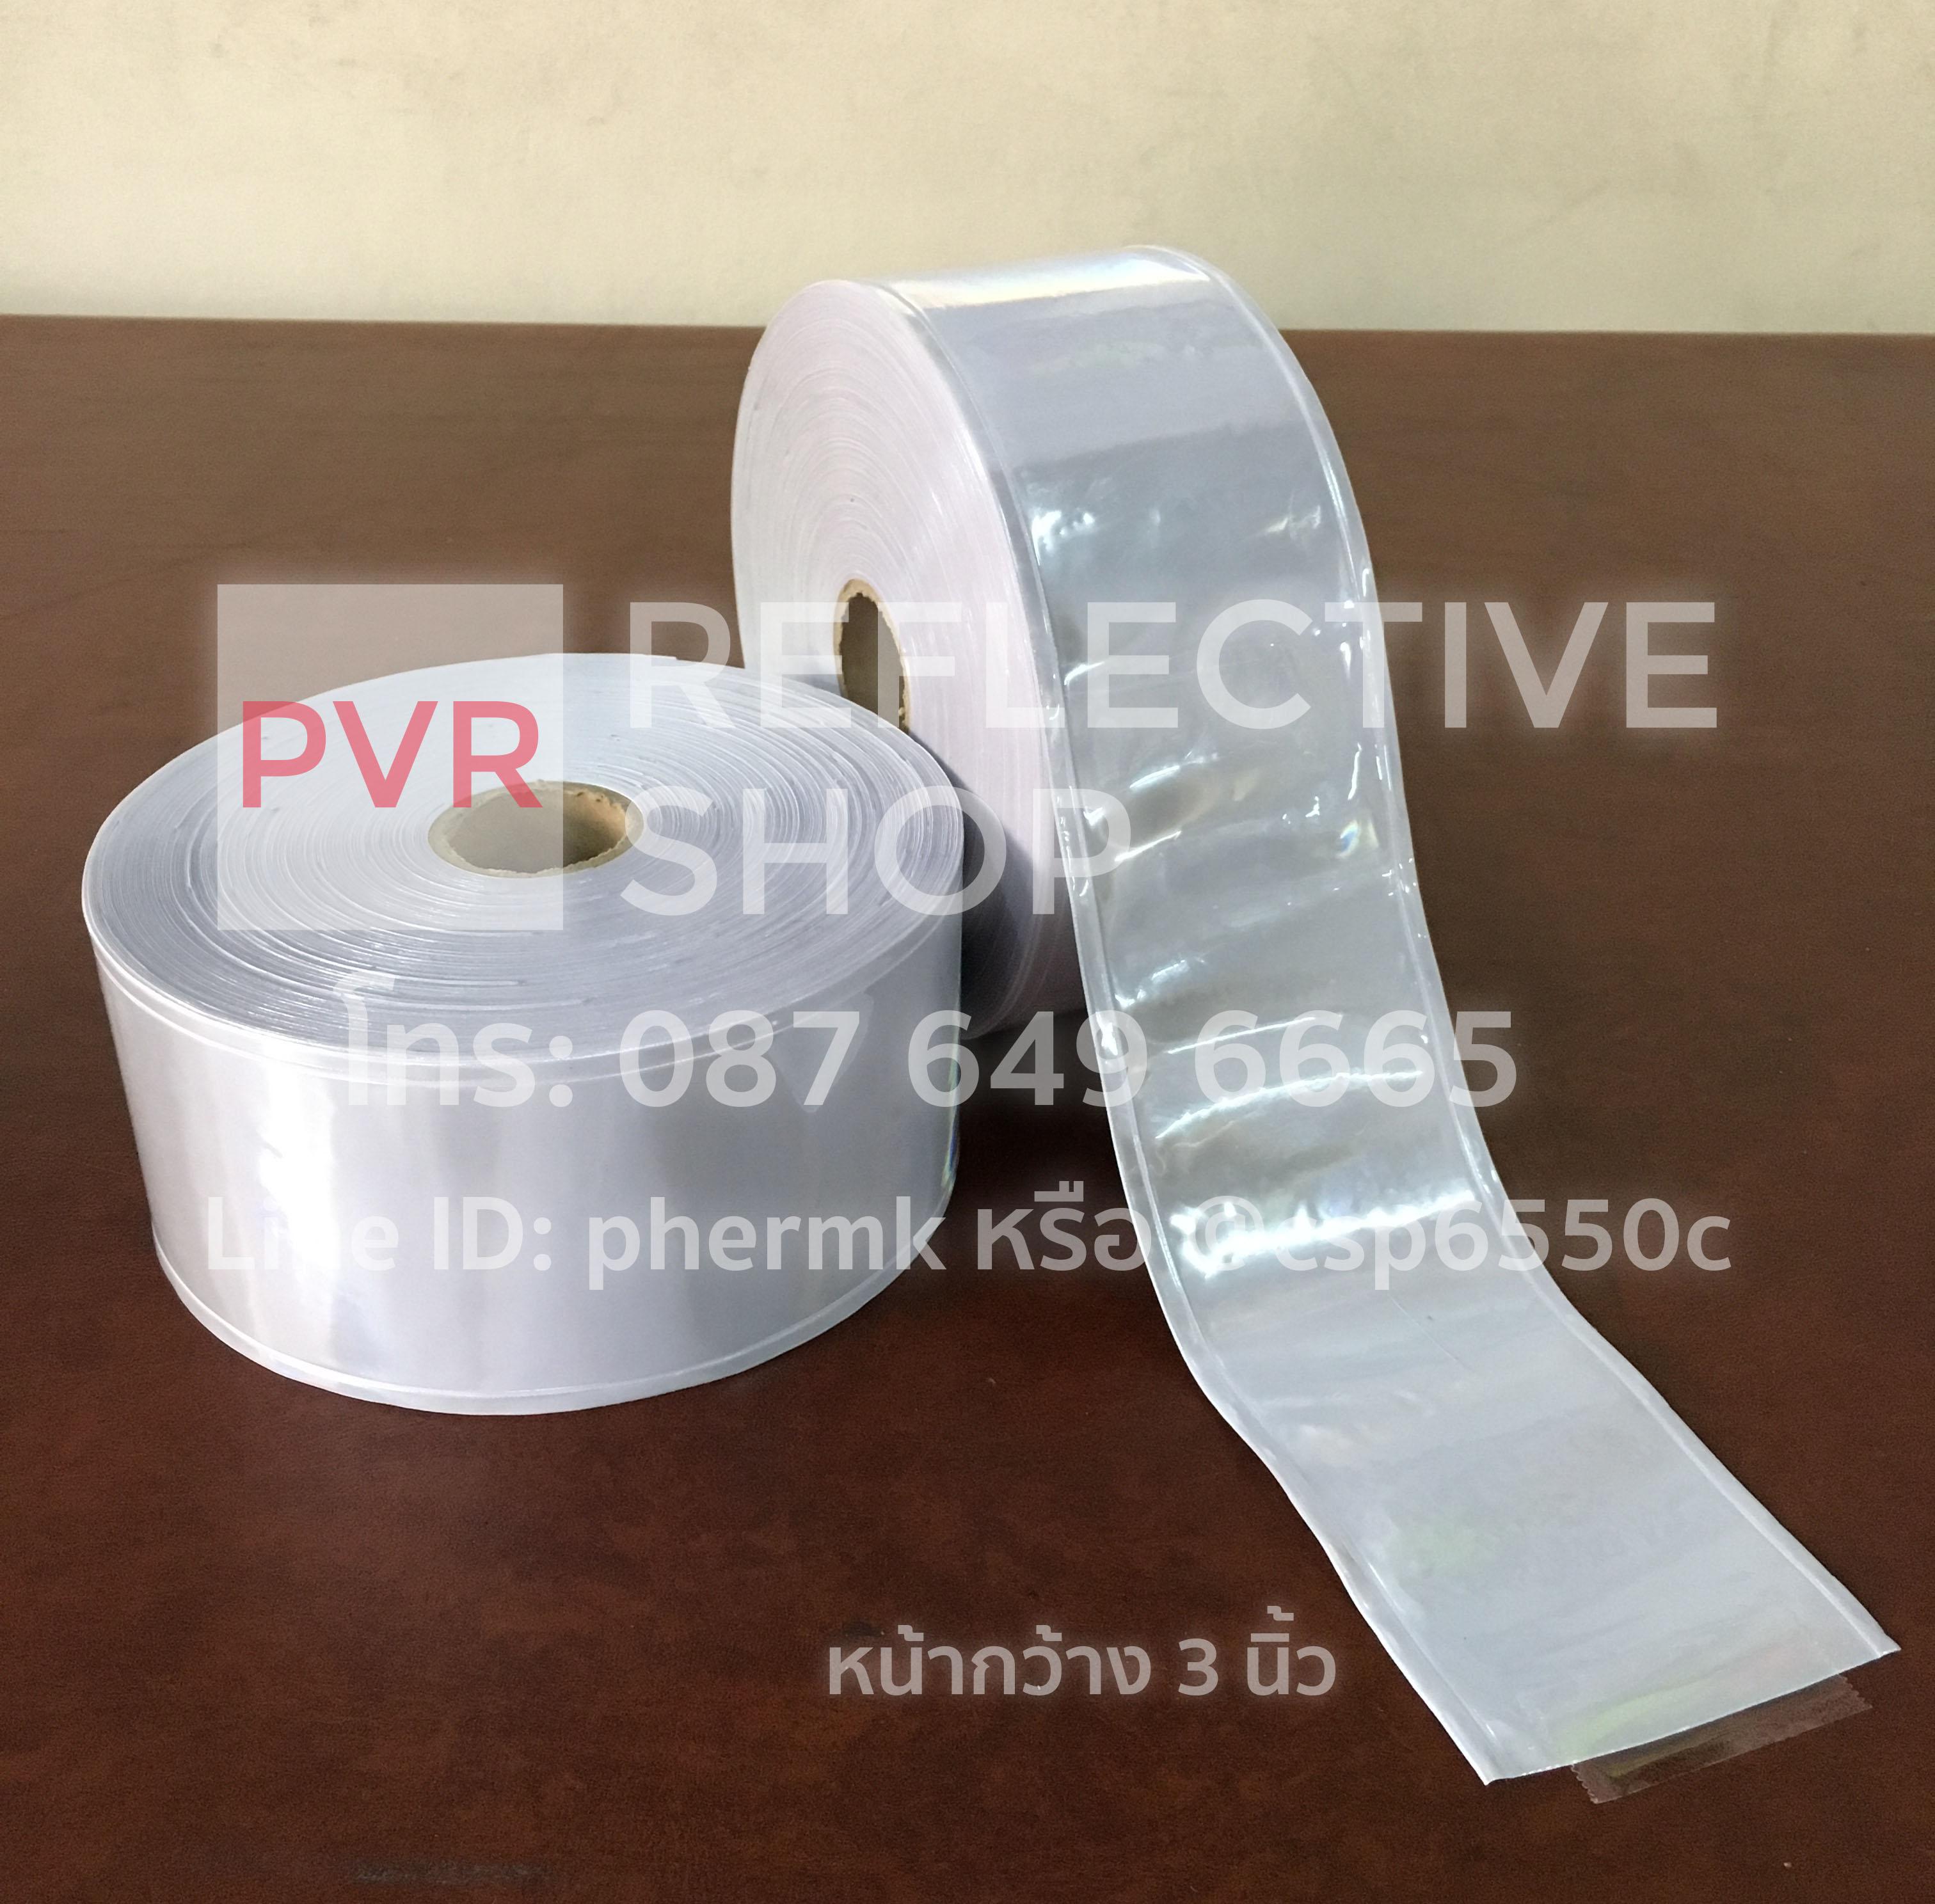 แถบPVCสะท้อนแสง แบบเรียบ สีขาว (กว้าง 3 นิ้ว ยาว 50เมตร)